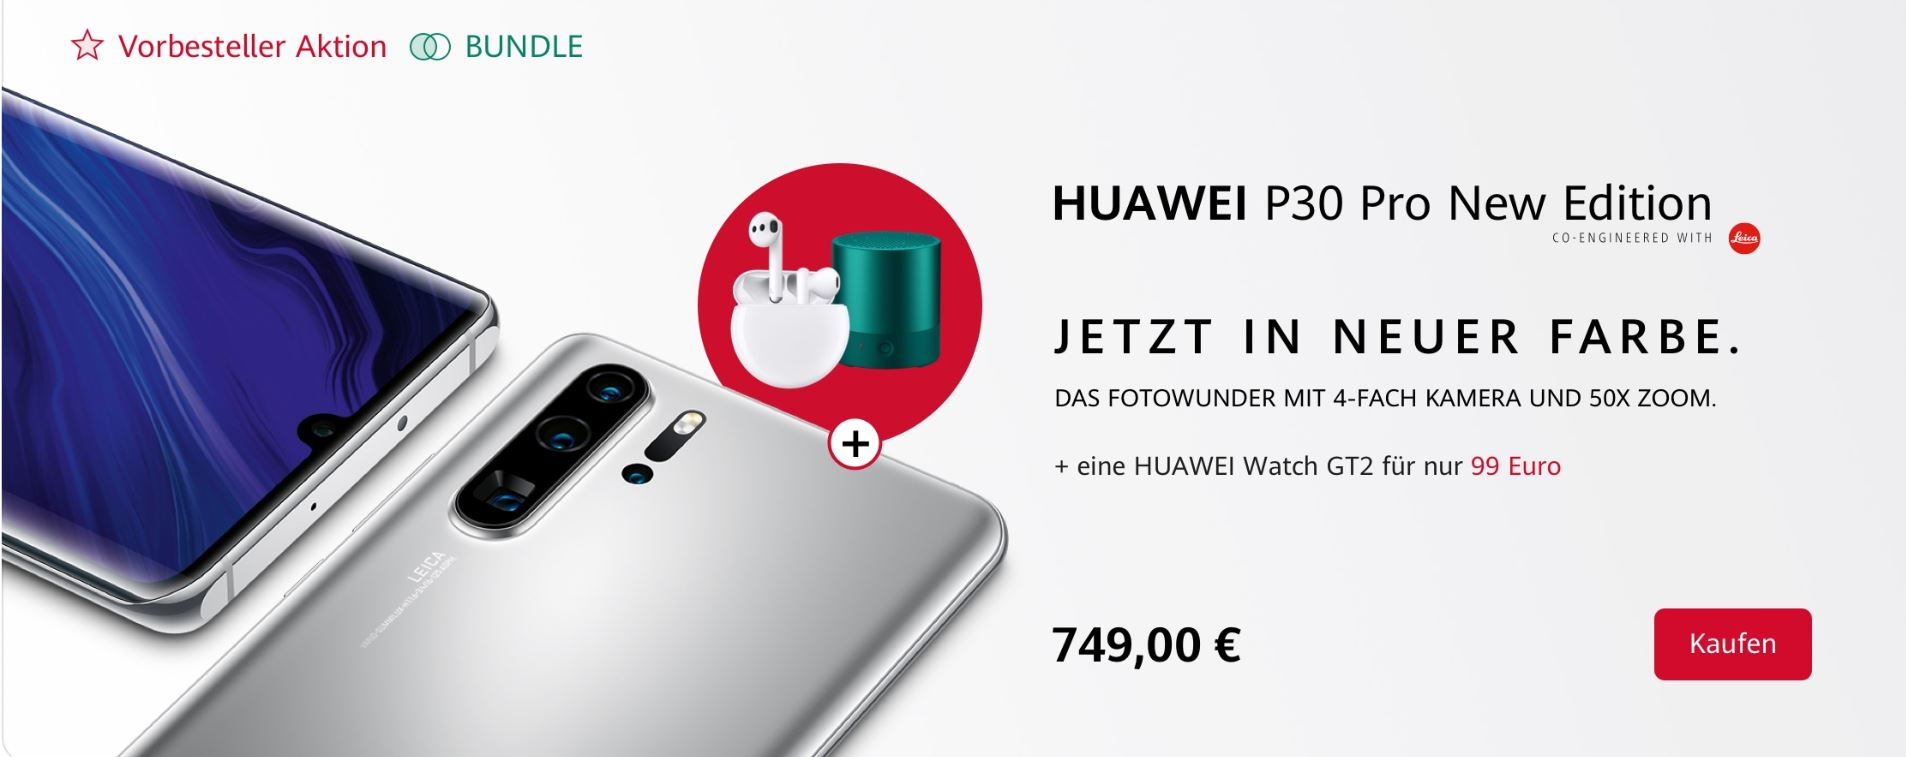 Itt a Huawei P30 Pro New Edition